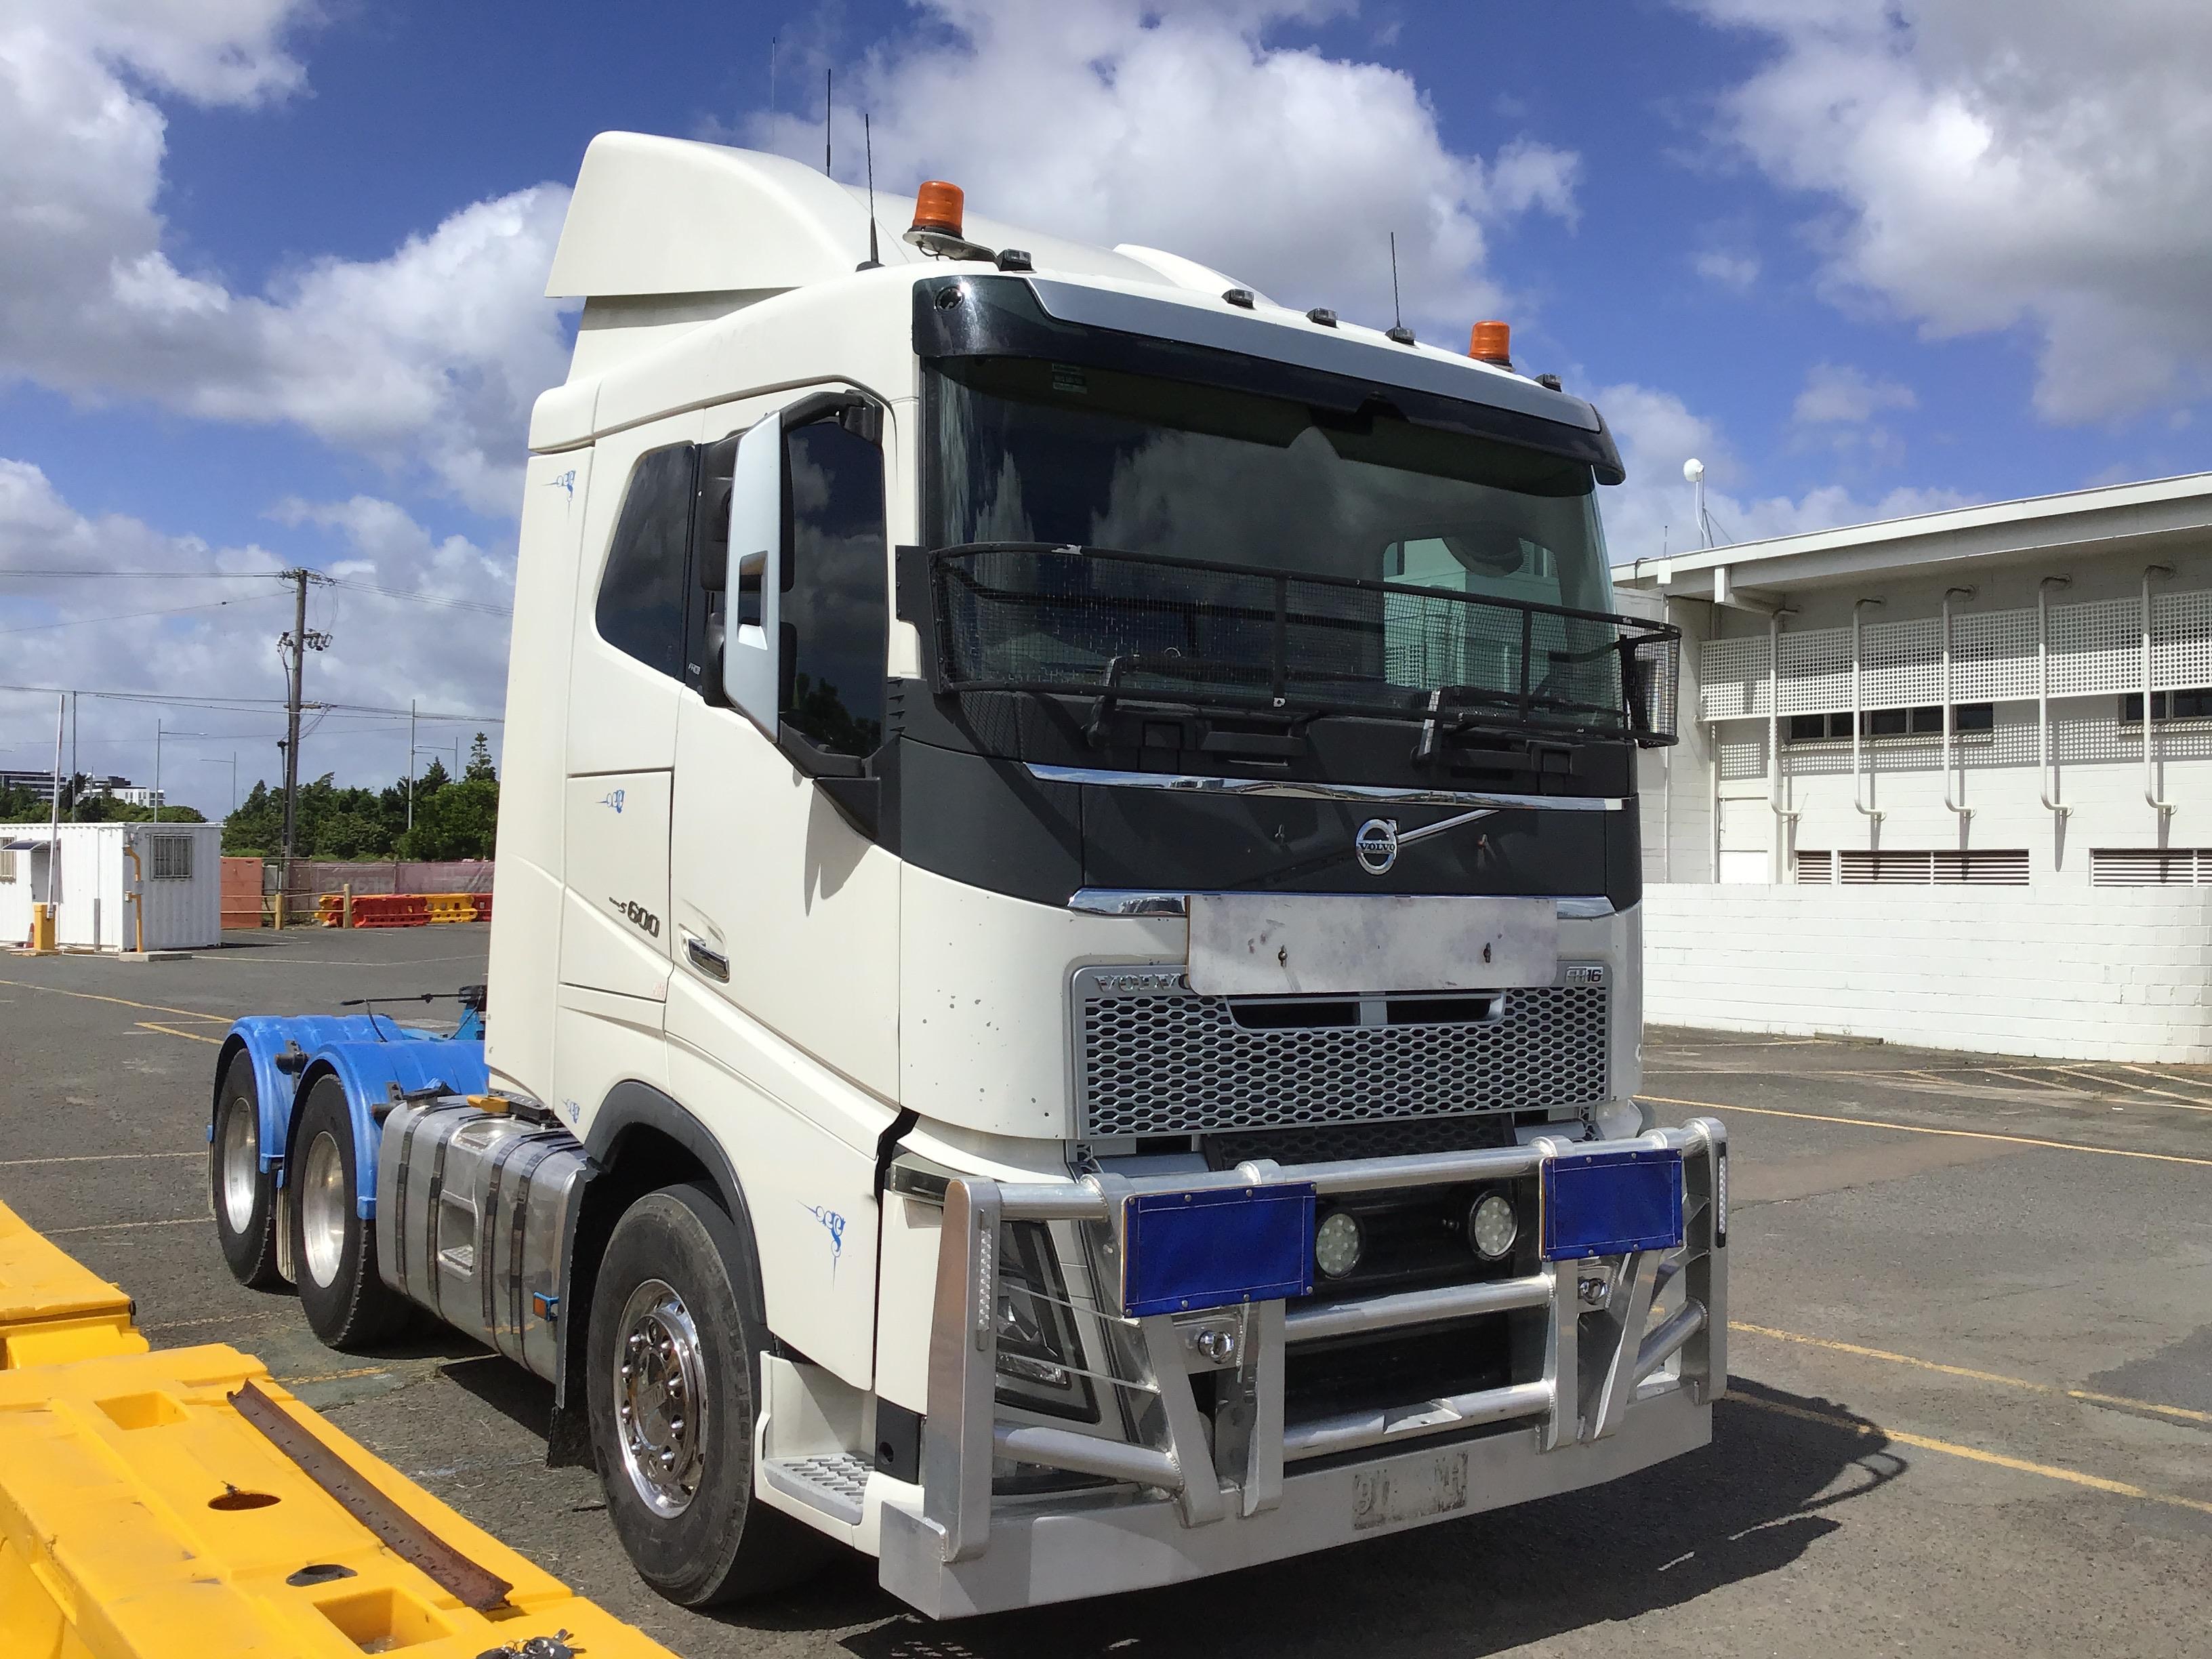 2015 Volvo FH16 6 x 4 Prime Mover Truck